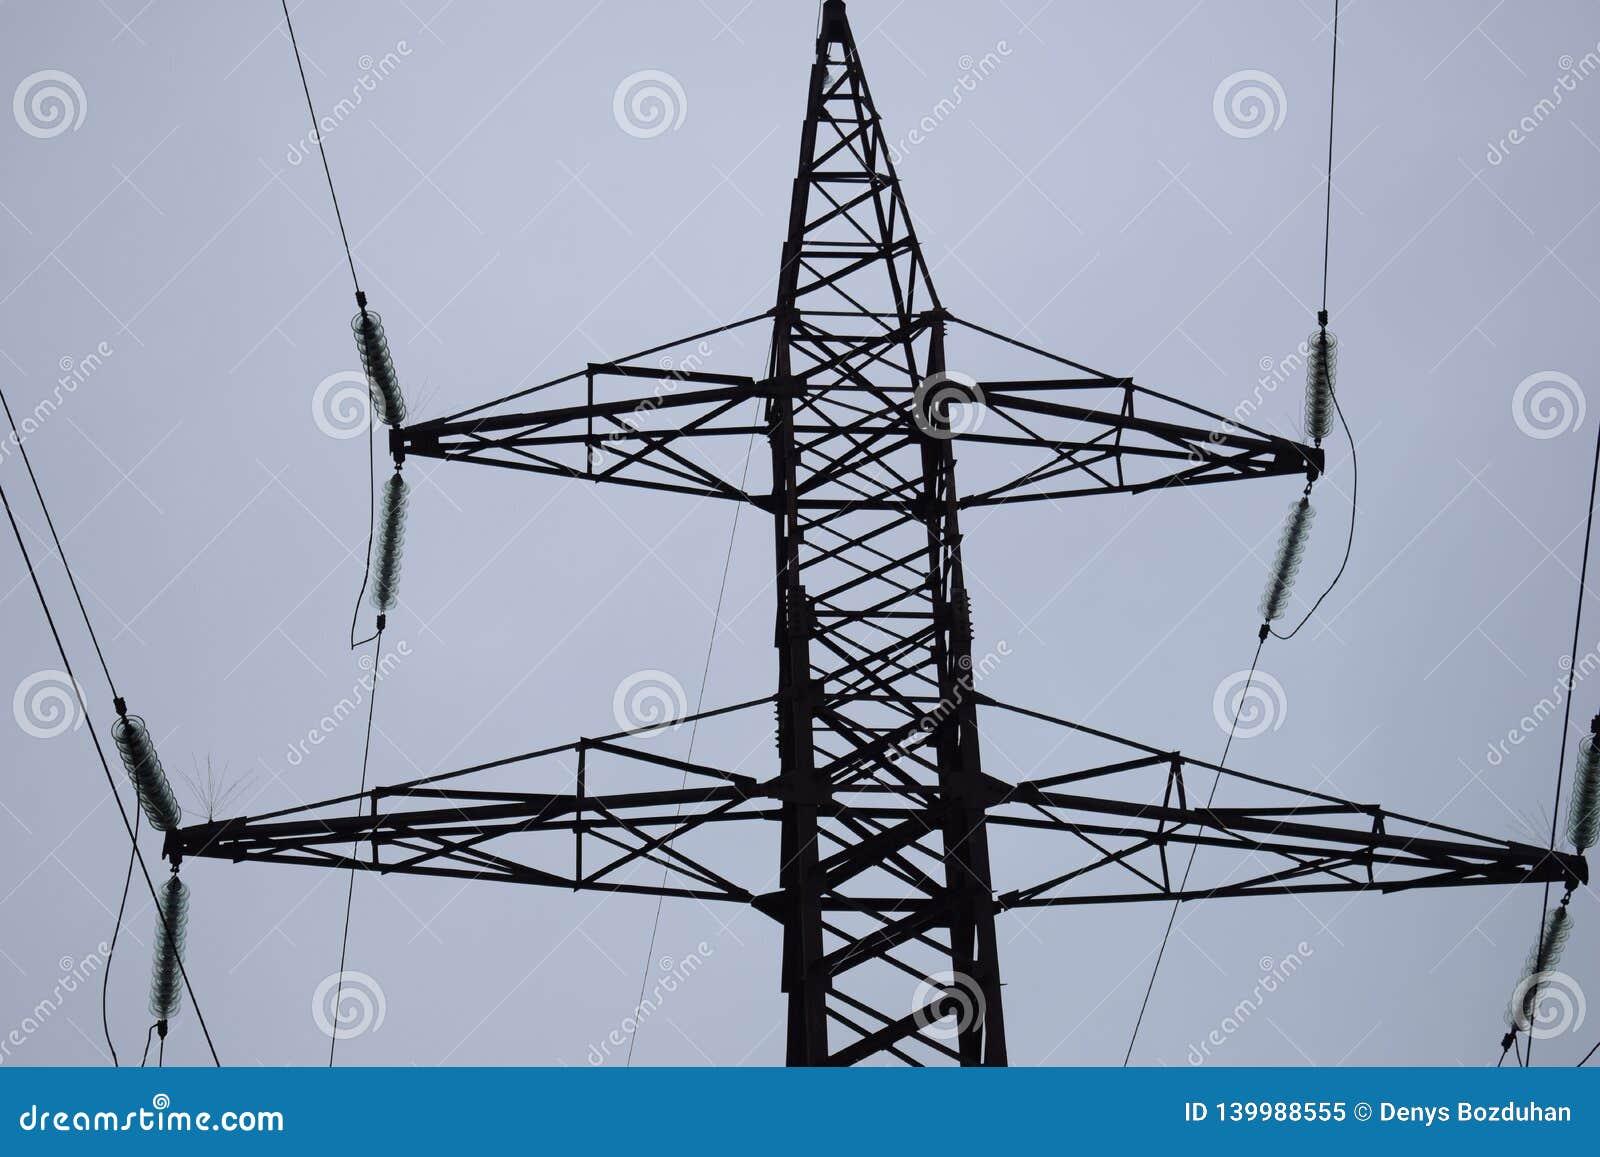 Lijnen de met hoog voltage van de luchttransmissie van stroom De luchtlijnen leggen elektriciteit boven grond door draden in bijl